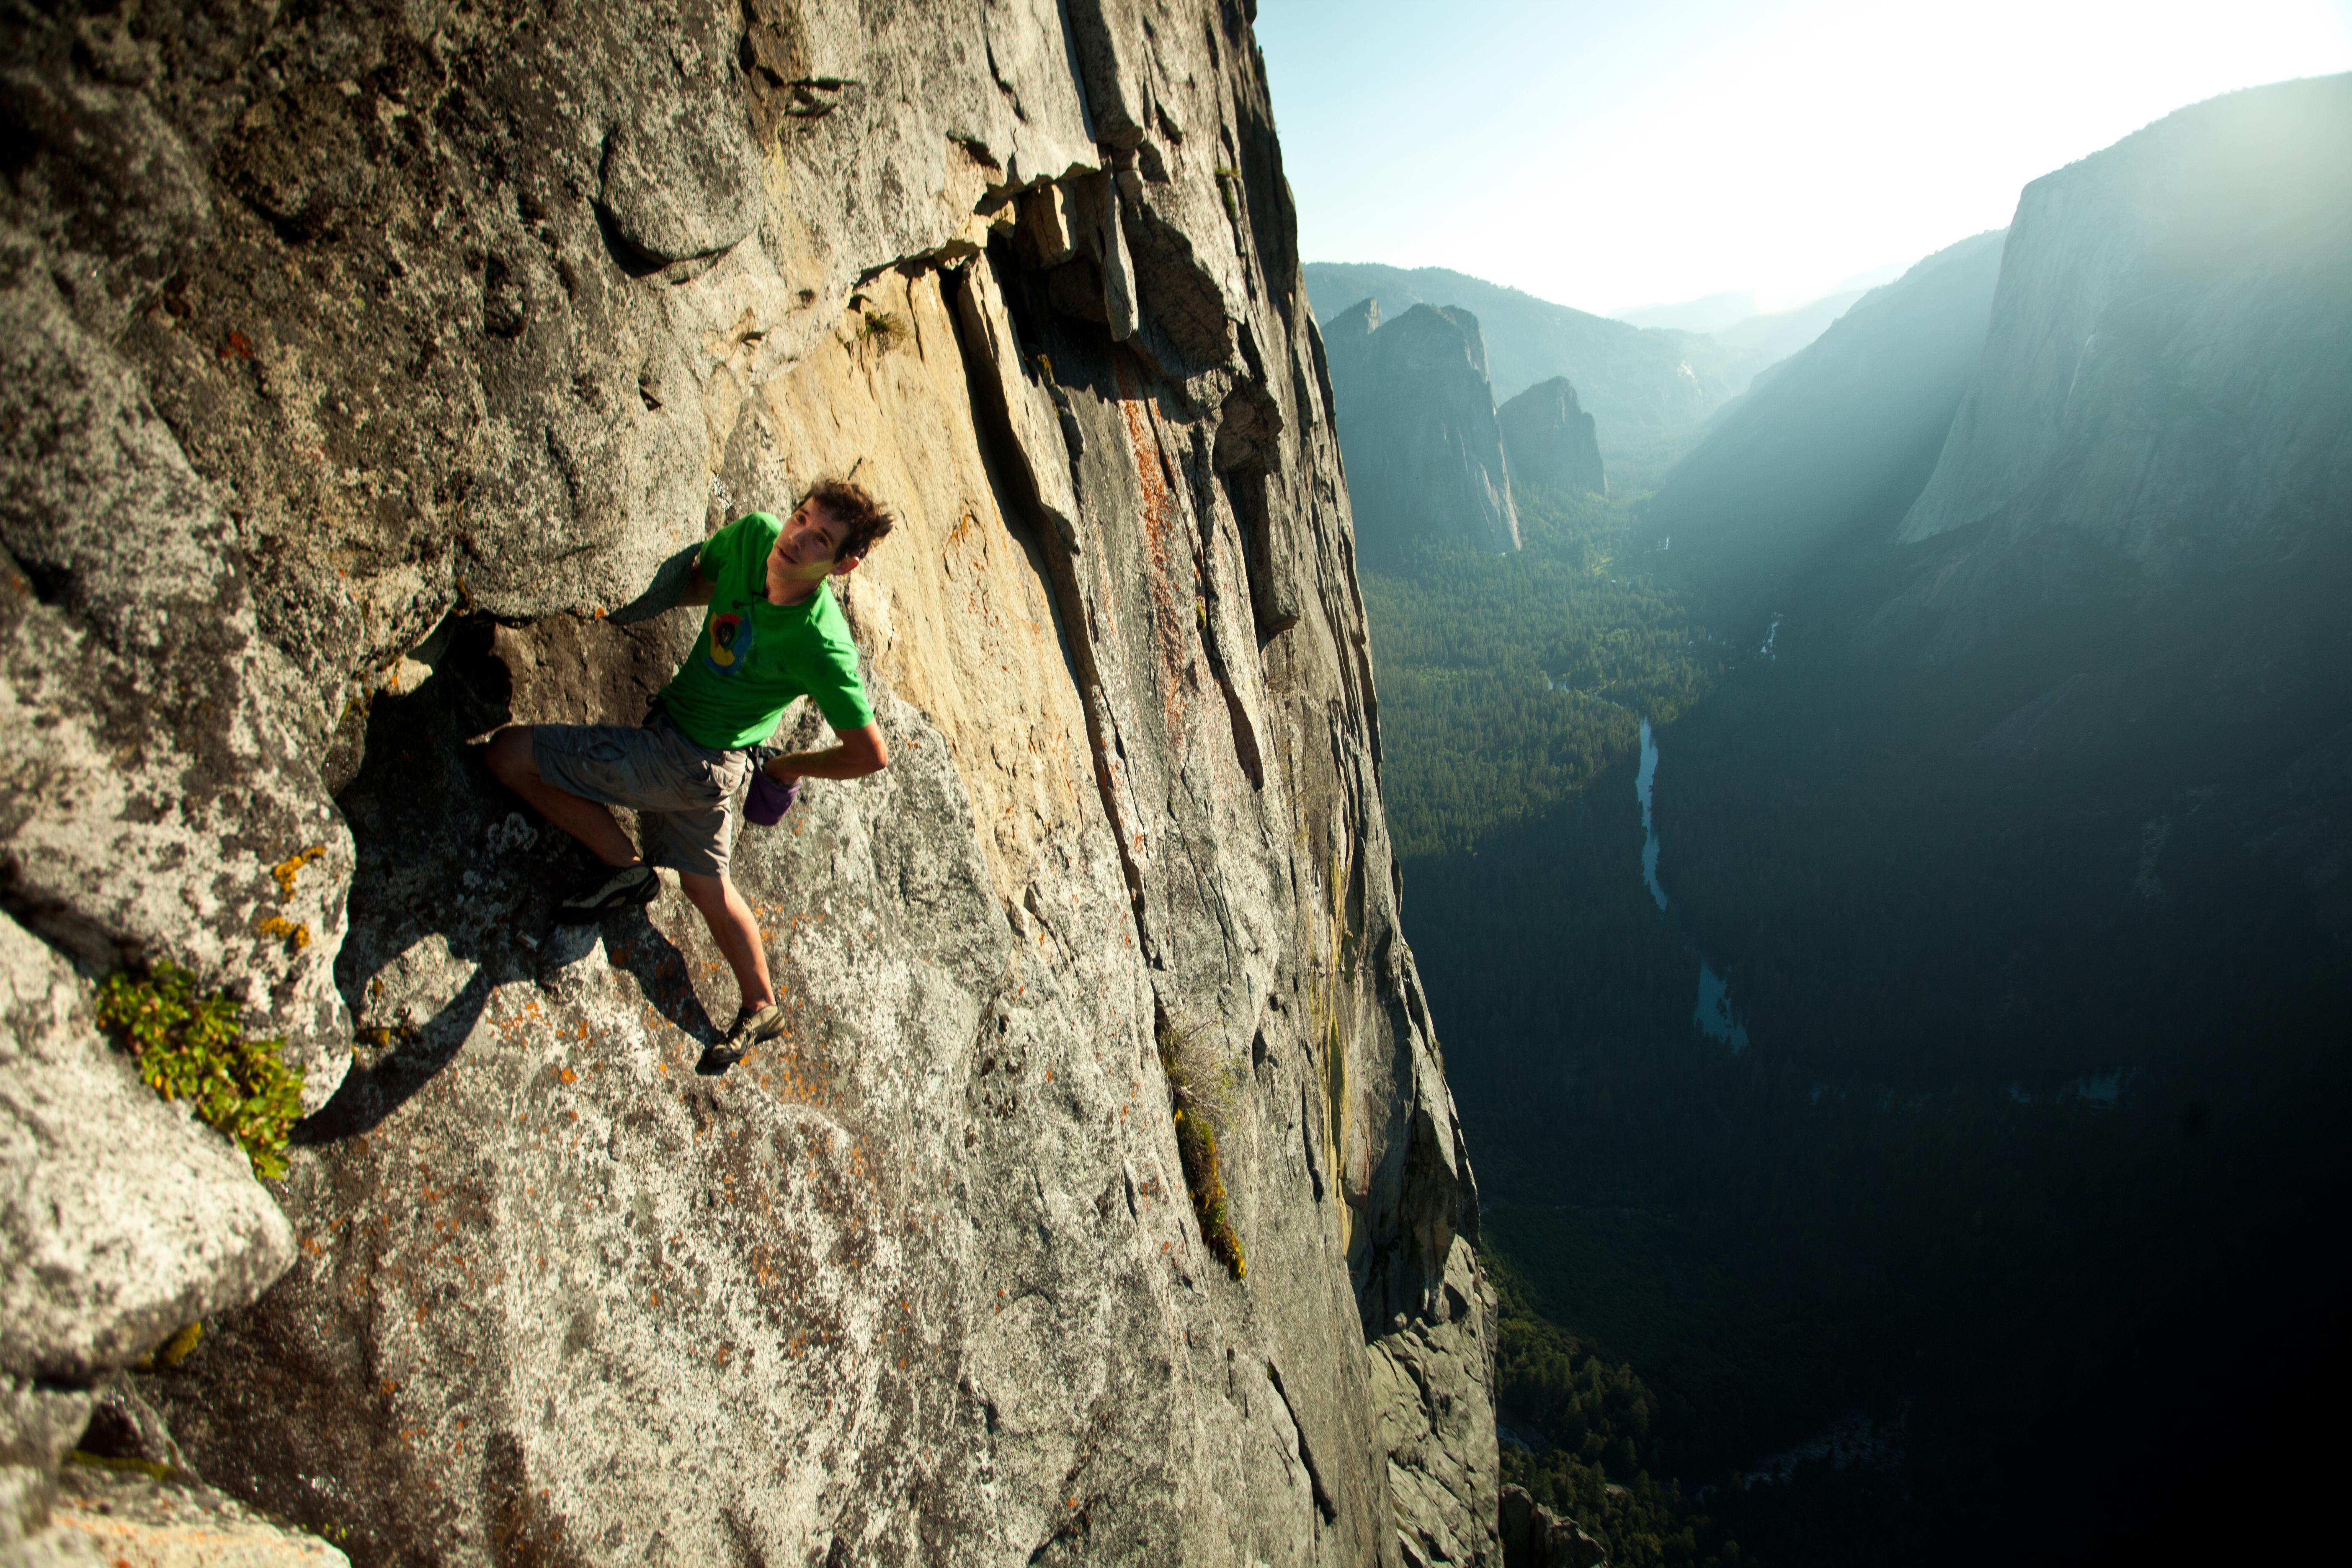 Photo: Alex Honnold free solo in Yosemite